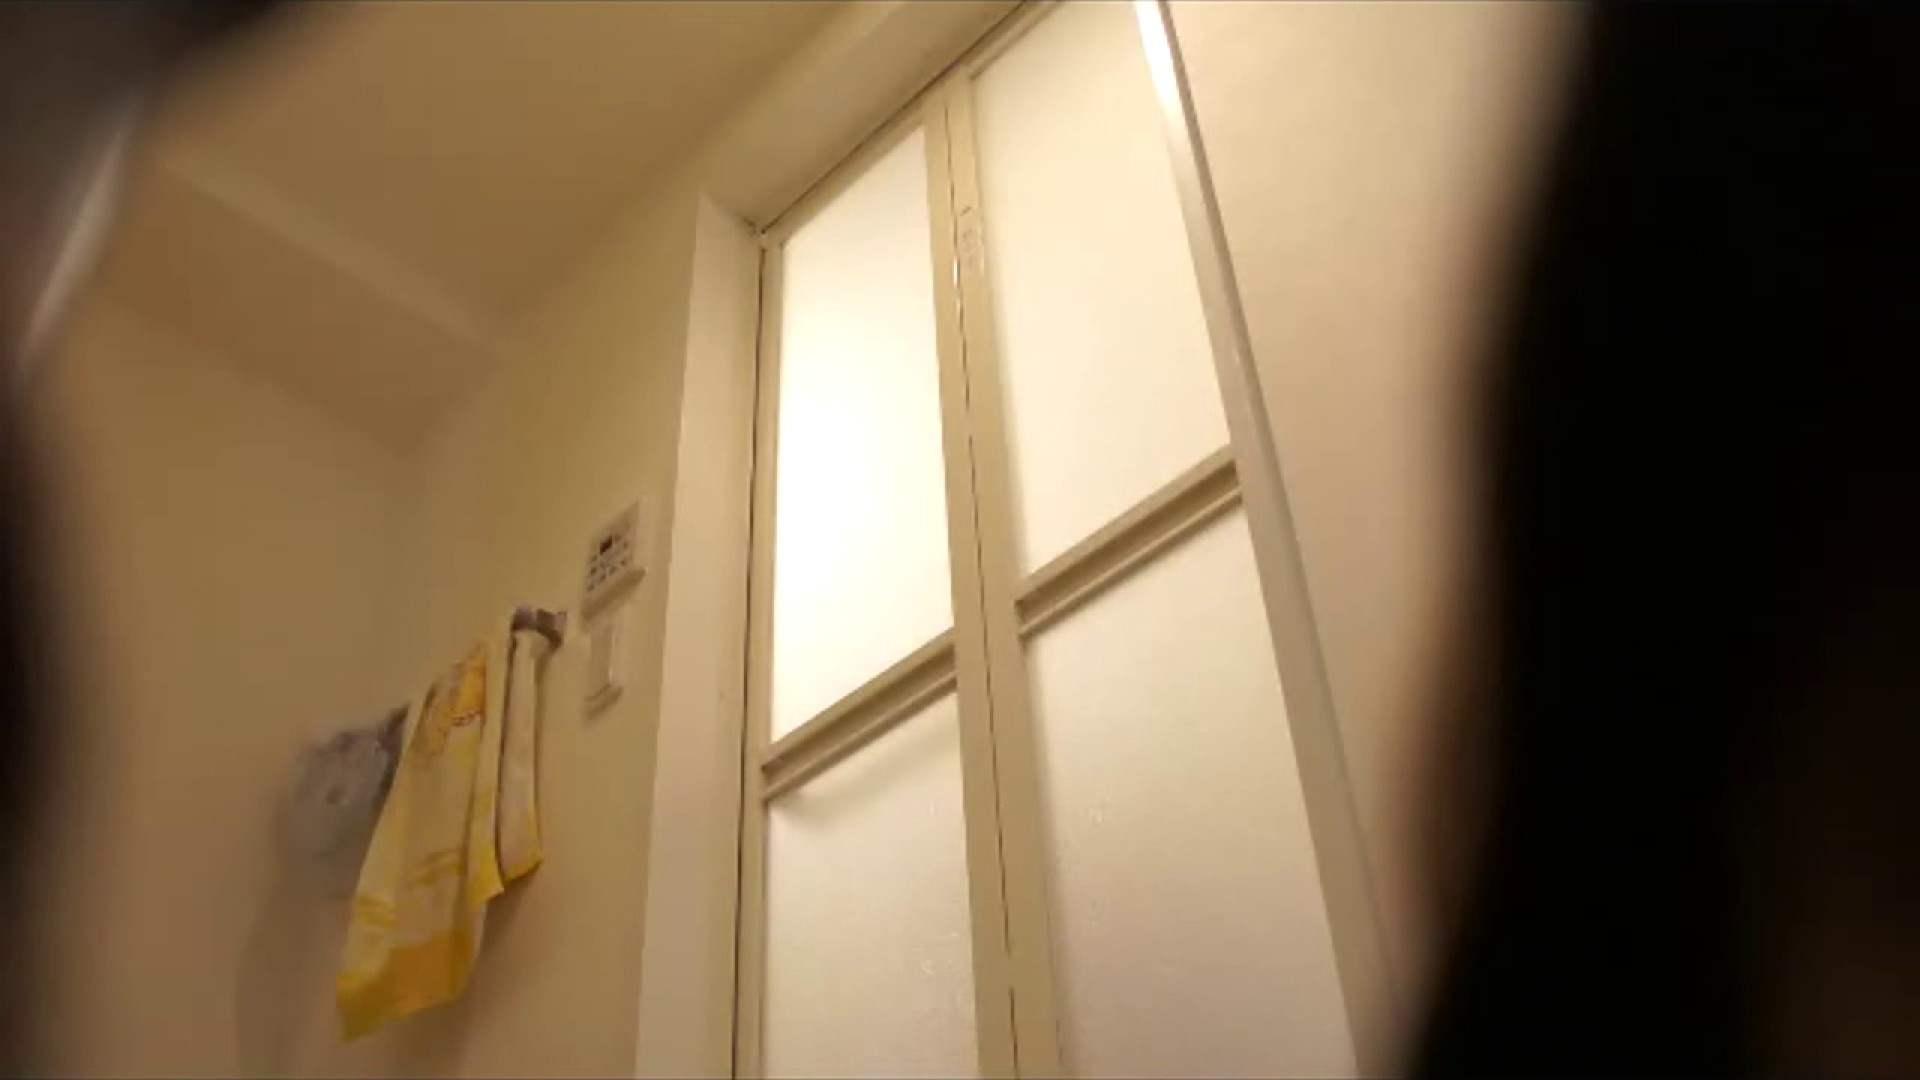 vol.16 レイカ入浴。今日は生理中のようです。 民家 エロ無料画像 64画像 22